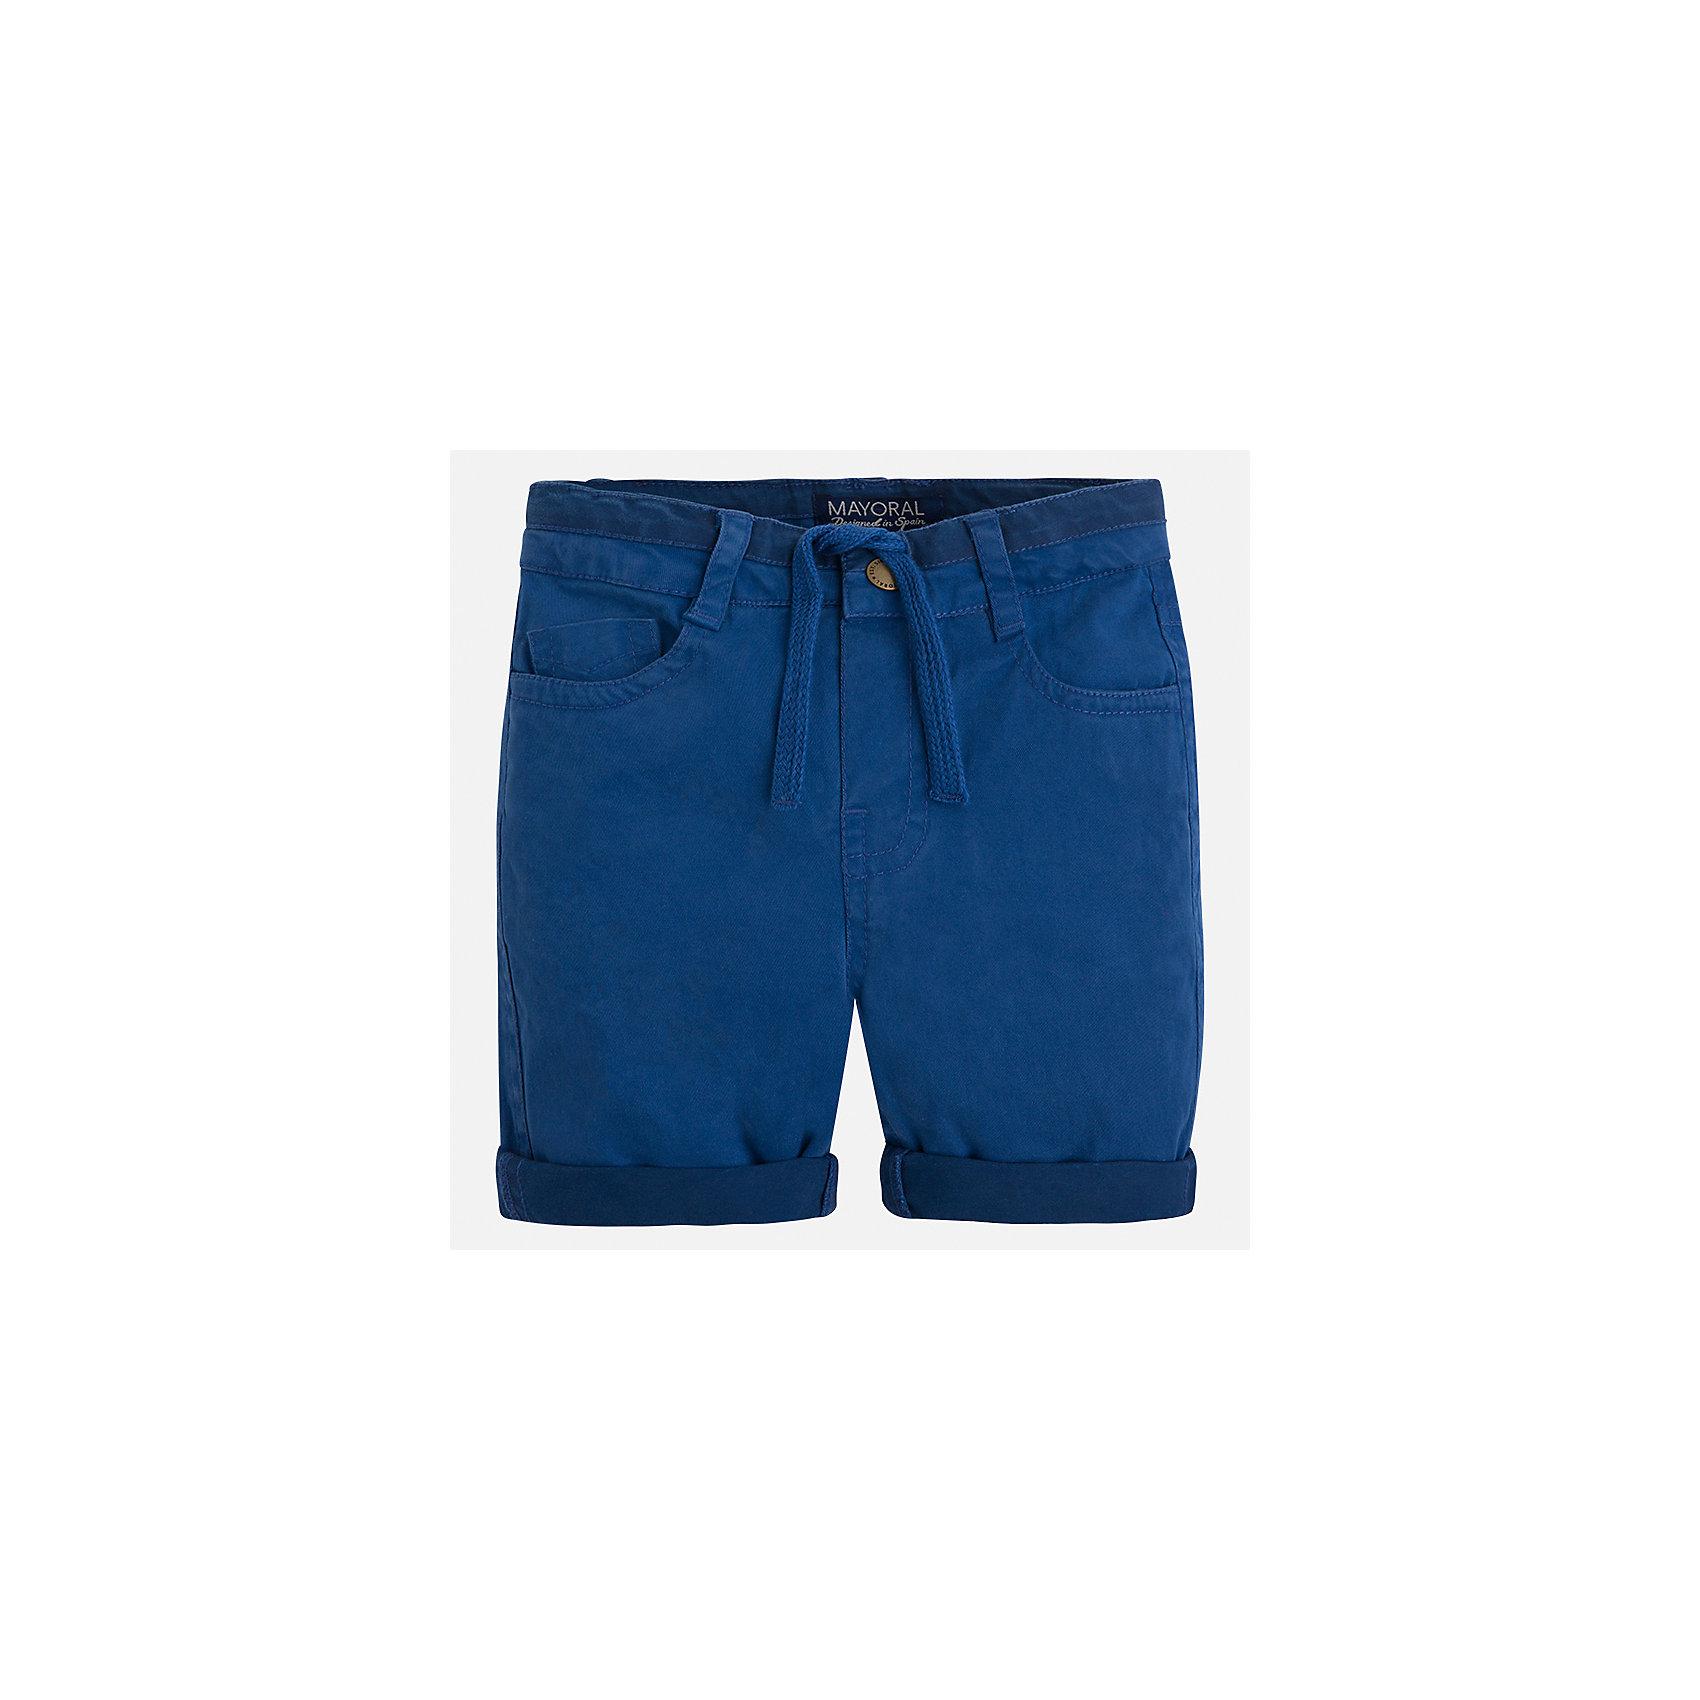 Бриджи для мальчика MayoralХарактеристики товара:<br><br>• цвет: синий<br>• состав: 92% хлопок, 8% эластан<br>• шлевки<br>• карманы<br>• пояс с регулировкой объема<br>• шнурок в поясе<br>• страна бренда: Испания<br><br>Удобные модные бриджи для мальчика смогут стать базовой вещью в гардеробе ребенка. Они отлично сочетаются с майками, футболками, рубашками и т.д. Универсальный крой и цвет позволяет подобрать к вещи верх разных расцветок. Практичное и стильное изделие! В составе материала - натуральный хлопок, гипоаллергенный, приятный на ощупь, дышащий.<br><br>Одежда, обувь и аксессуары от испанского бренда Mayoral полюбились детям и взрослым по всему миру. Модели этой марки - стильные и удобные. Для их производства используются только безопасные, качественные материалы и фурнитура. Порадуйте ребенка модными и красивыми вещами от Mayoral! <br><br>Бриджи для мальчика от испанского бренда Mayoral (Майорал) можно купить в нашем интернет-магазине.<br><br>Ширина мм: 191<br>Глубина мм: 10<br>Высота мм: 175<br>Вес г: 273<br>Цвет: серый<br>Возраст от месяцев: 84<br>Возраст до месяцев: 96<br>Пол: Мужской<br>Возраст: Детский<br>Размер: 128,134,122,116,110,104,98,92<br>SKU: 5272657